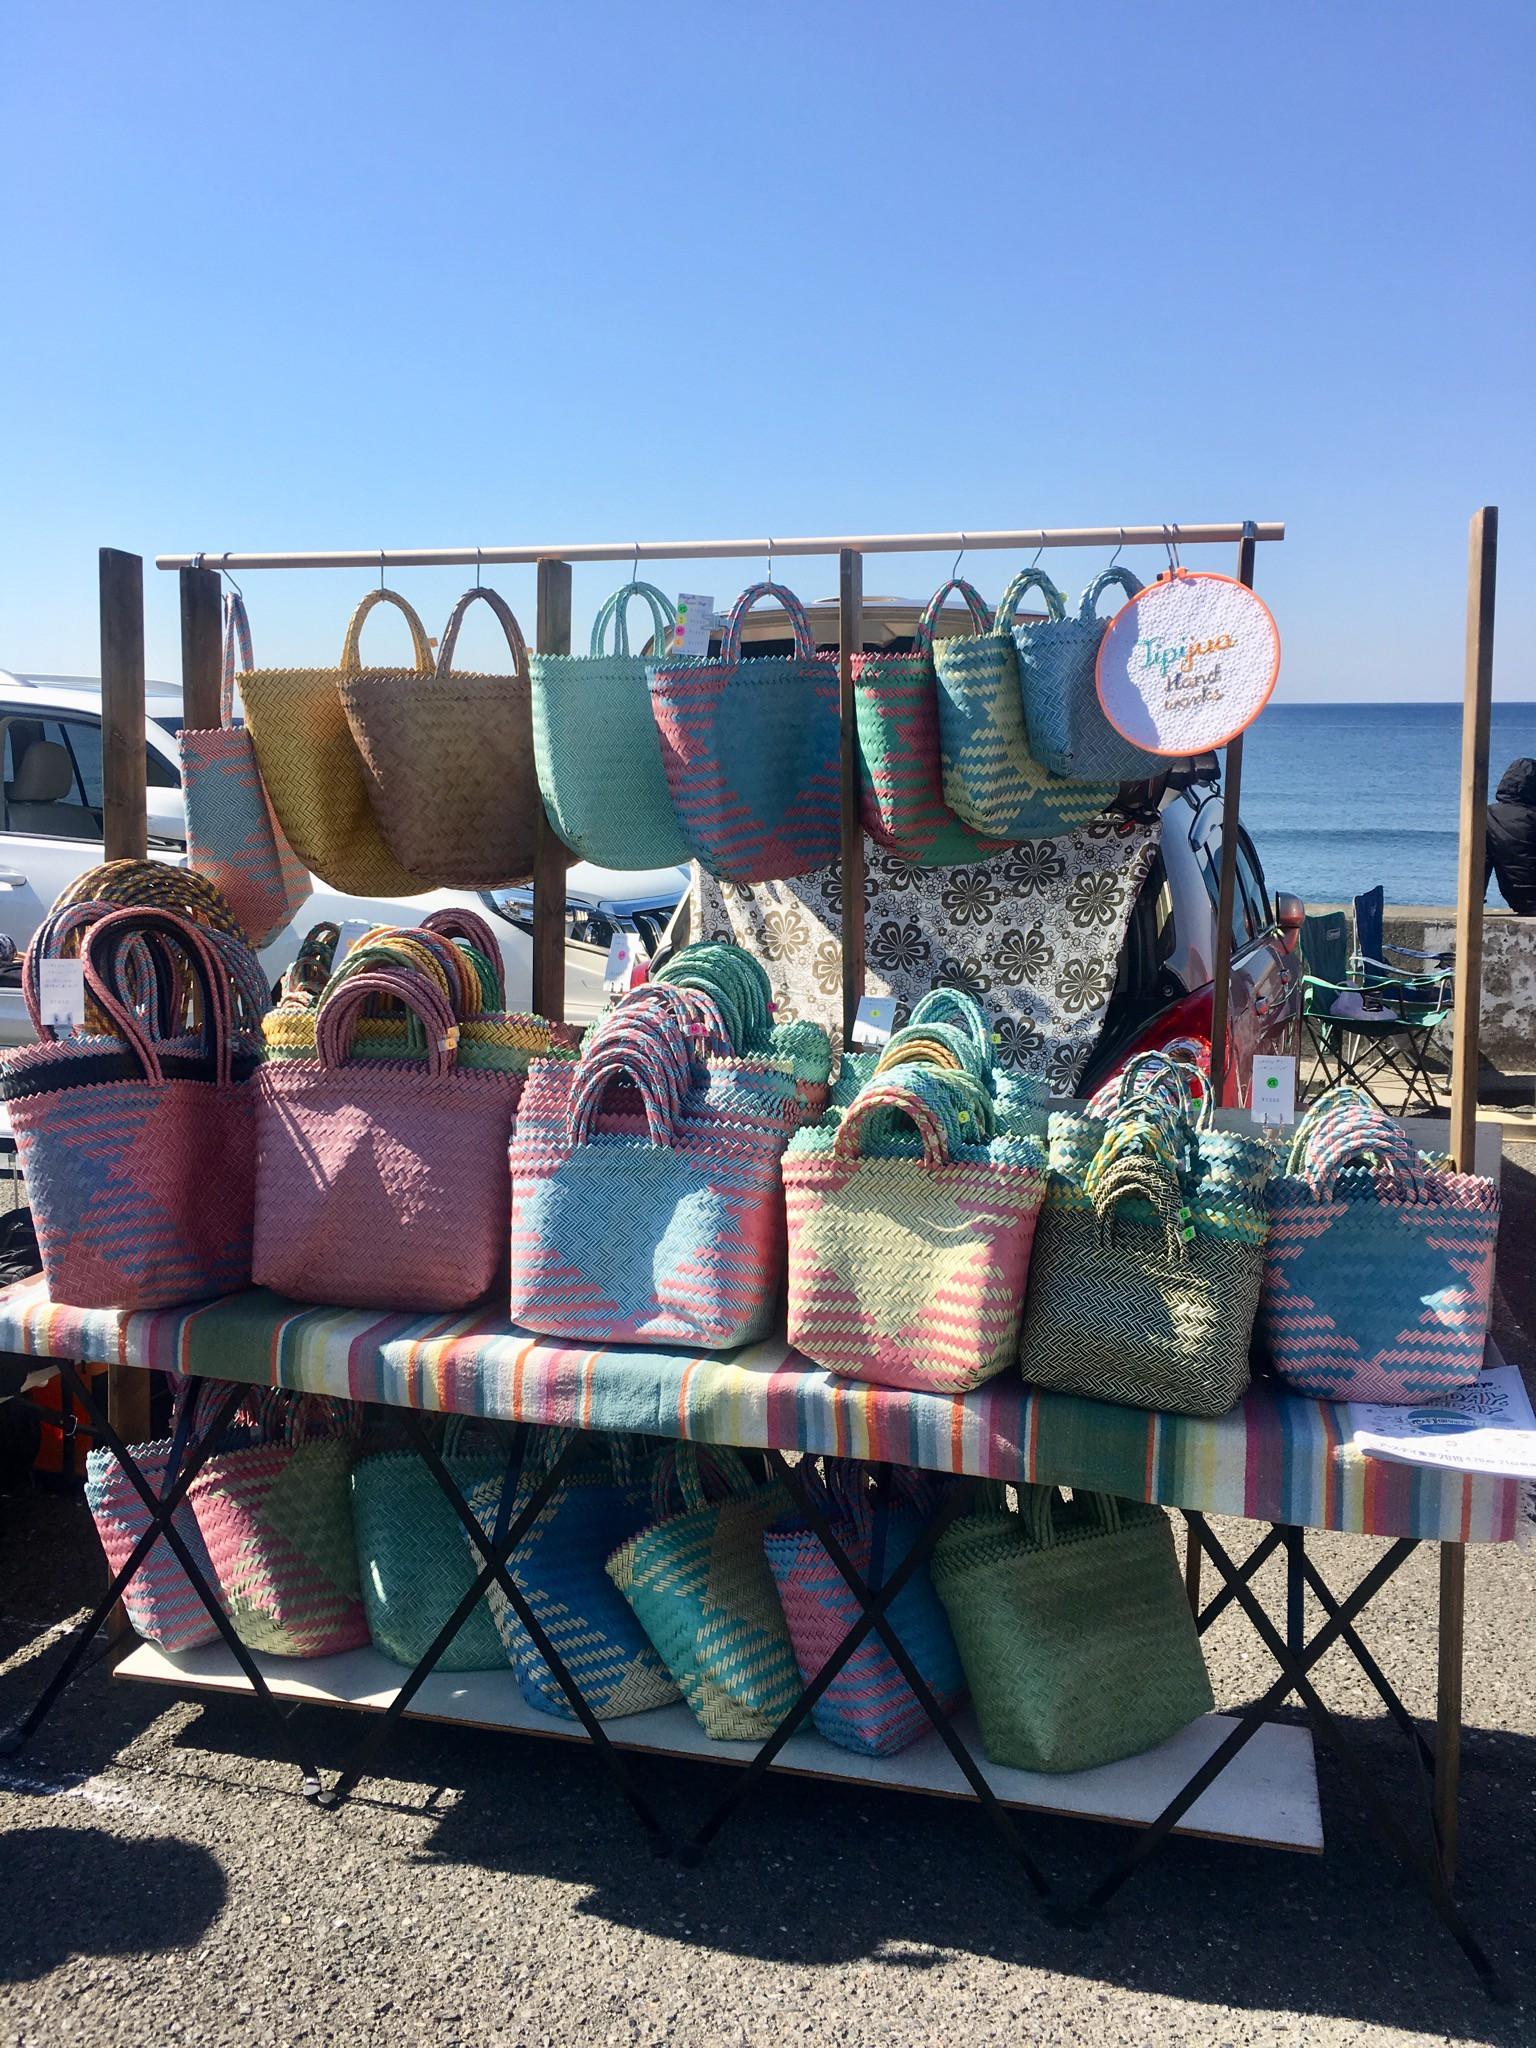 七里ヶ浜パーキングフリーマーケットご来店ありがとうございました!